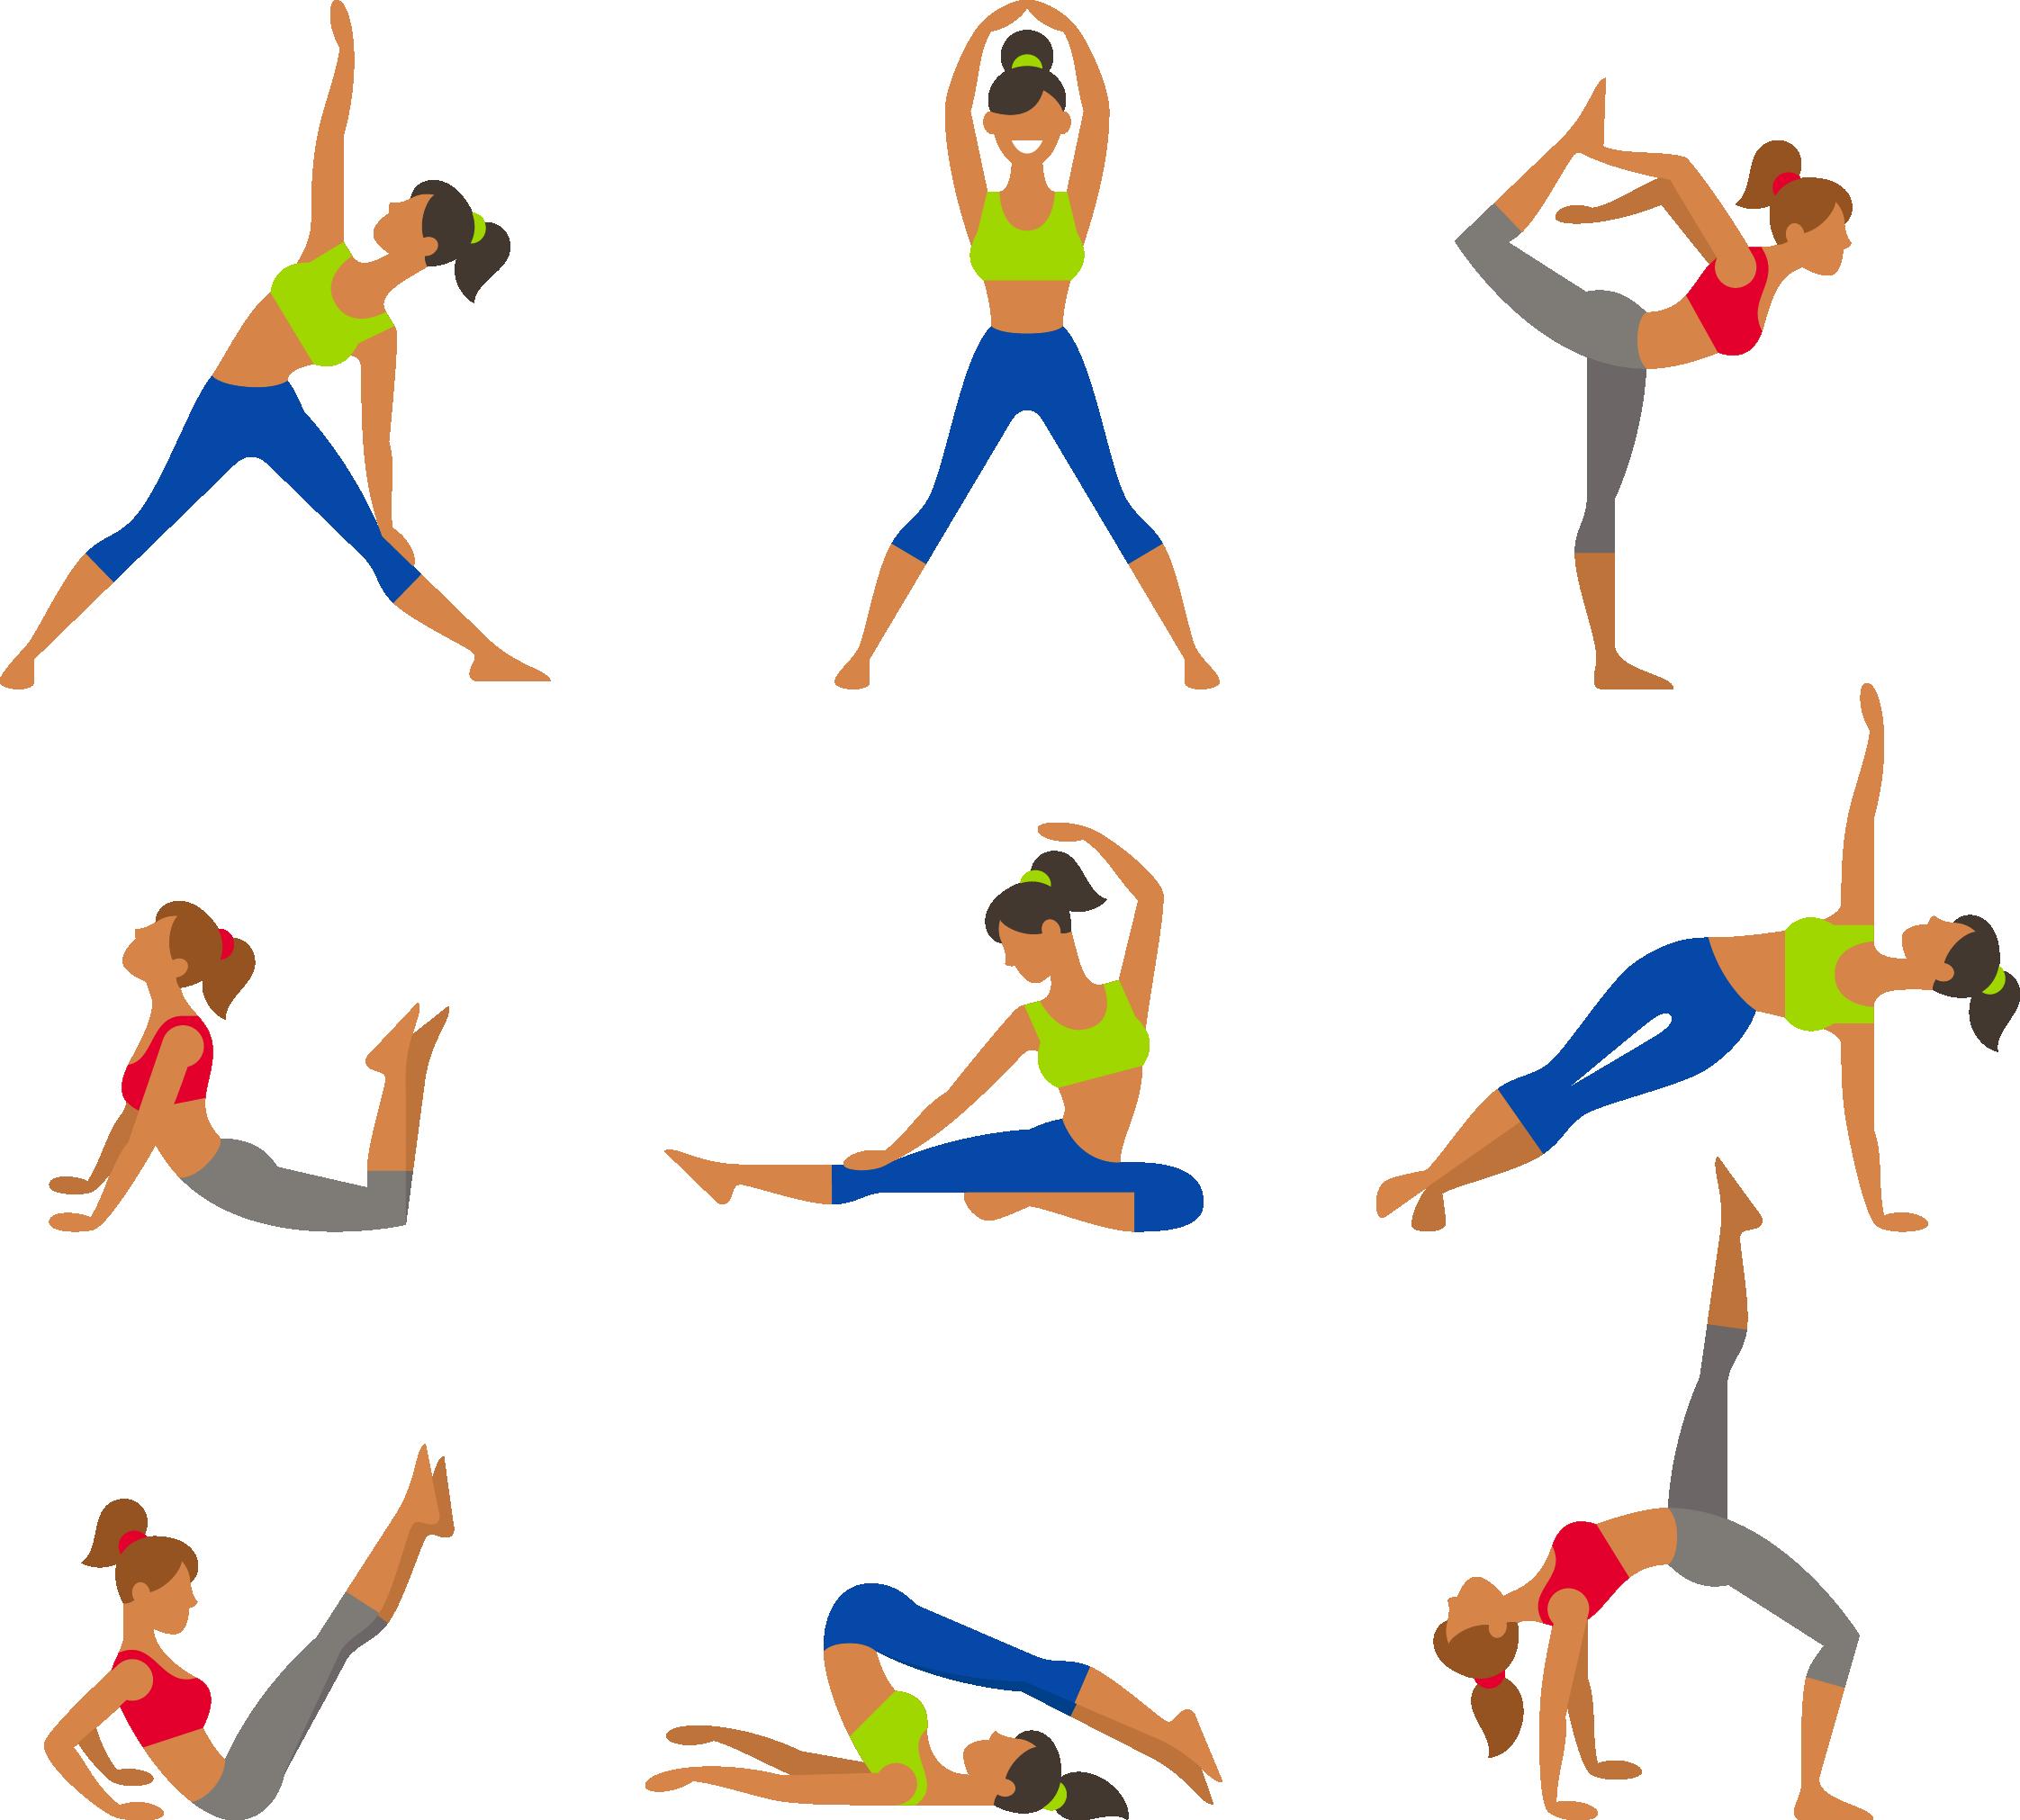 Движения для йоги в картинках для начинающих